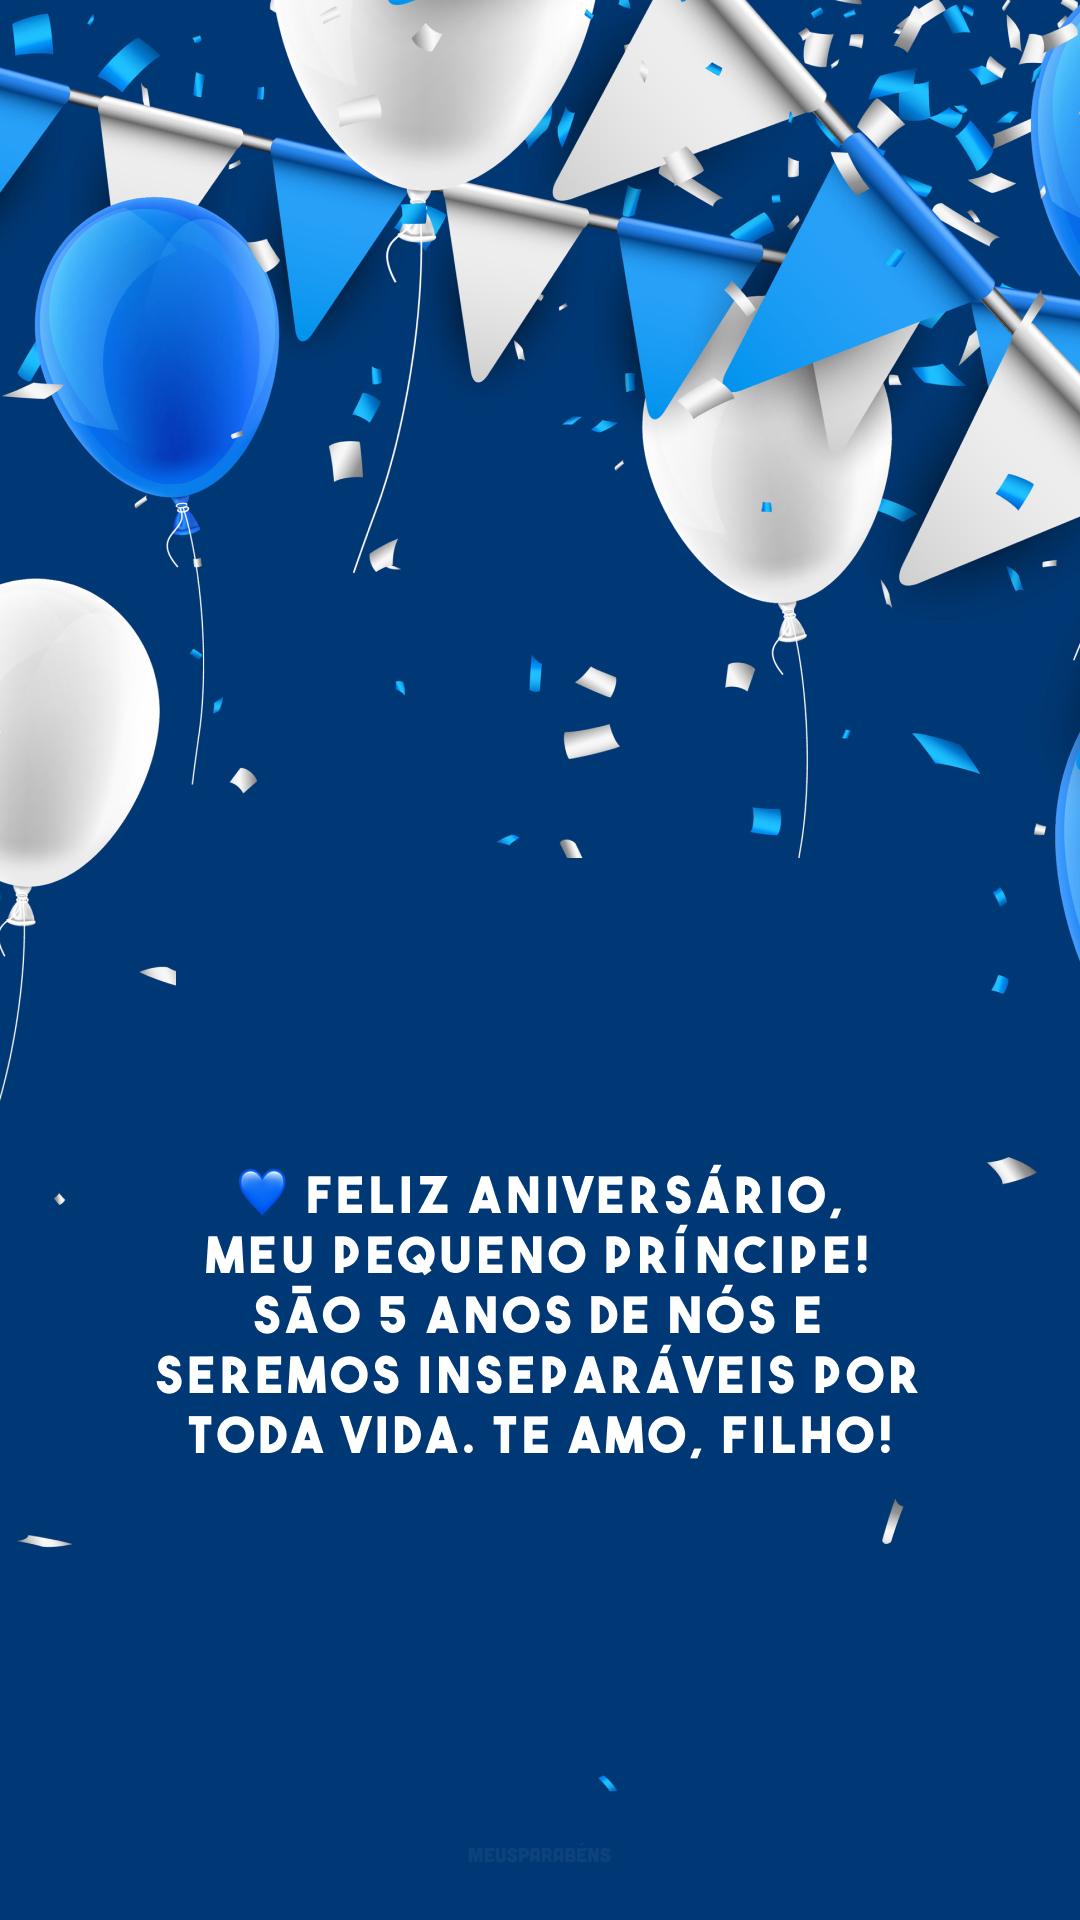 Feliz aniversário, meu pequeno príncipe! São 5 anos de nós e seremos inseparáveis por toda vida. Te amo, filho!